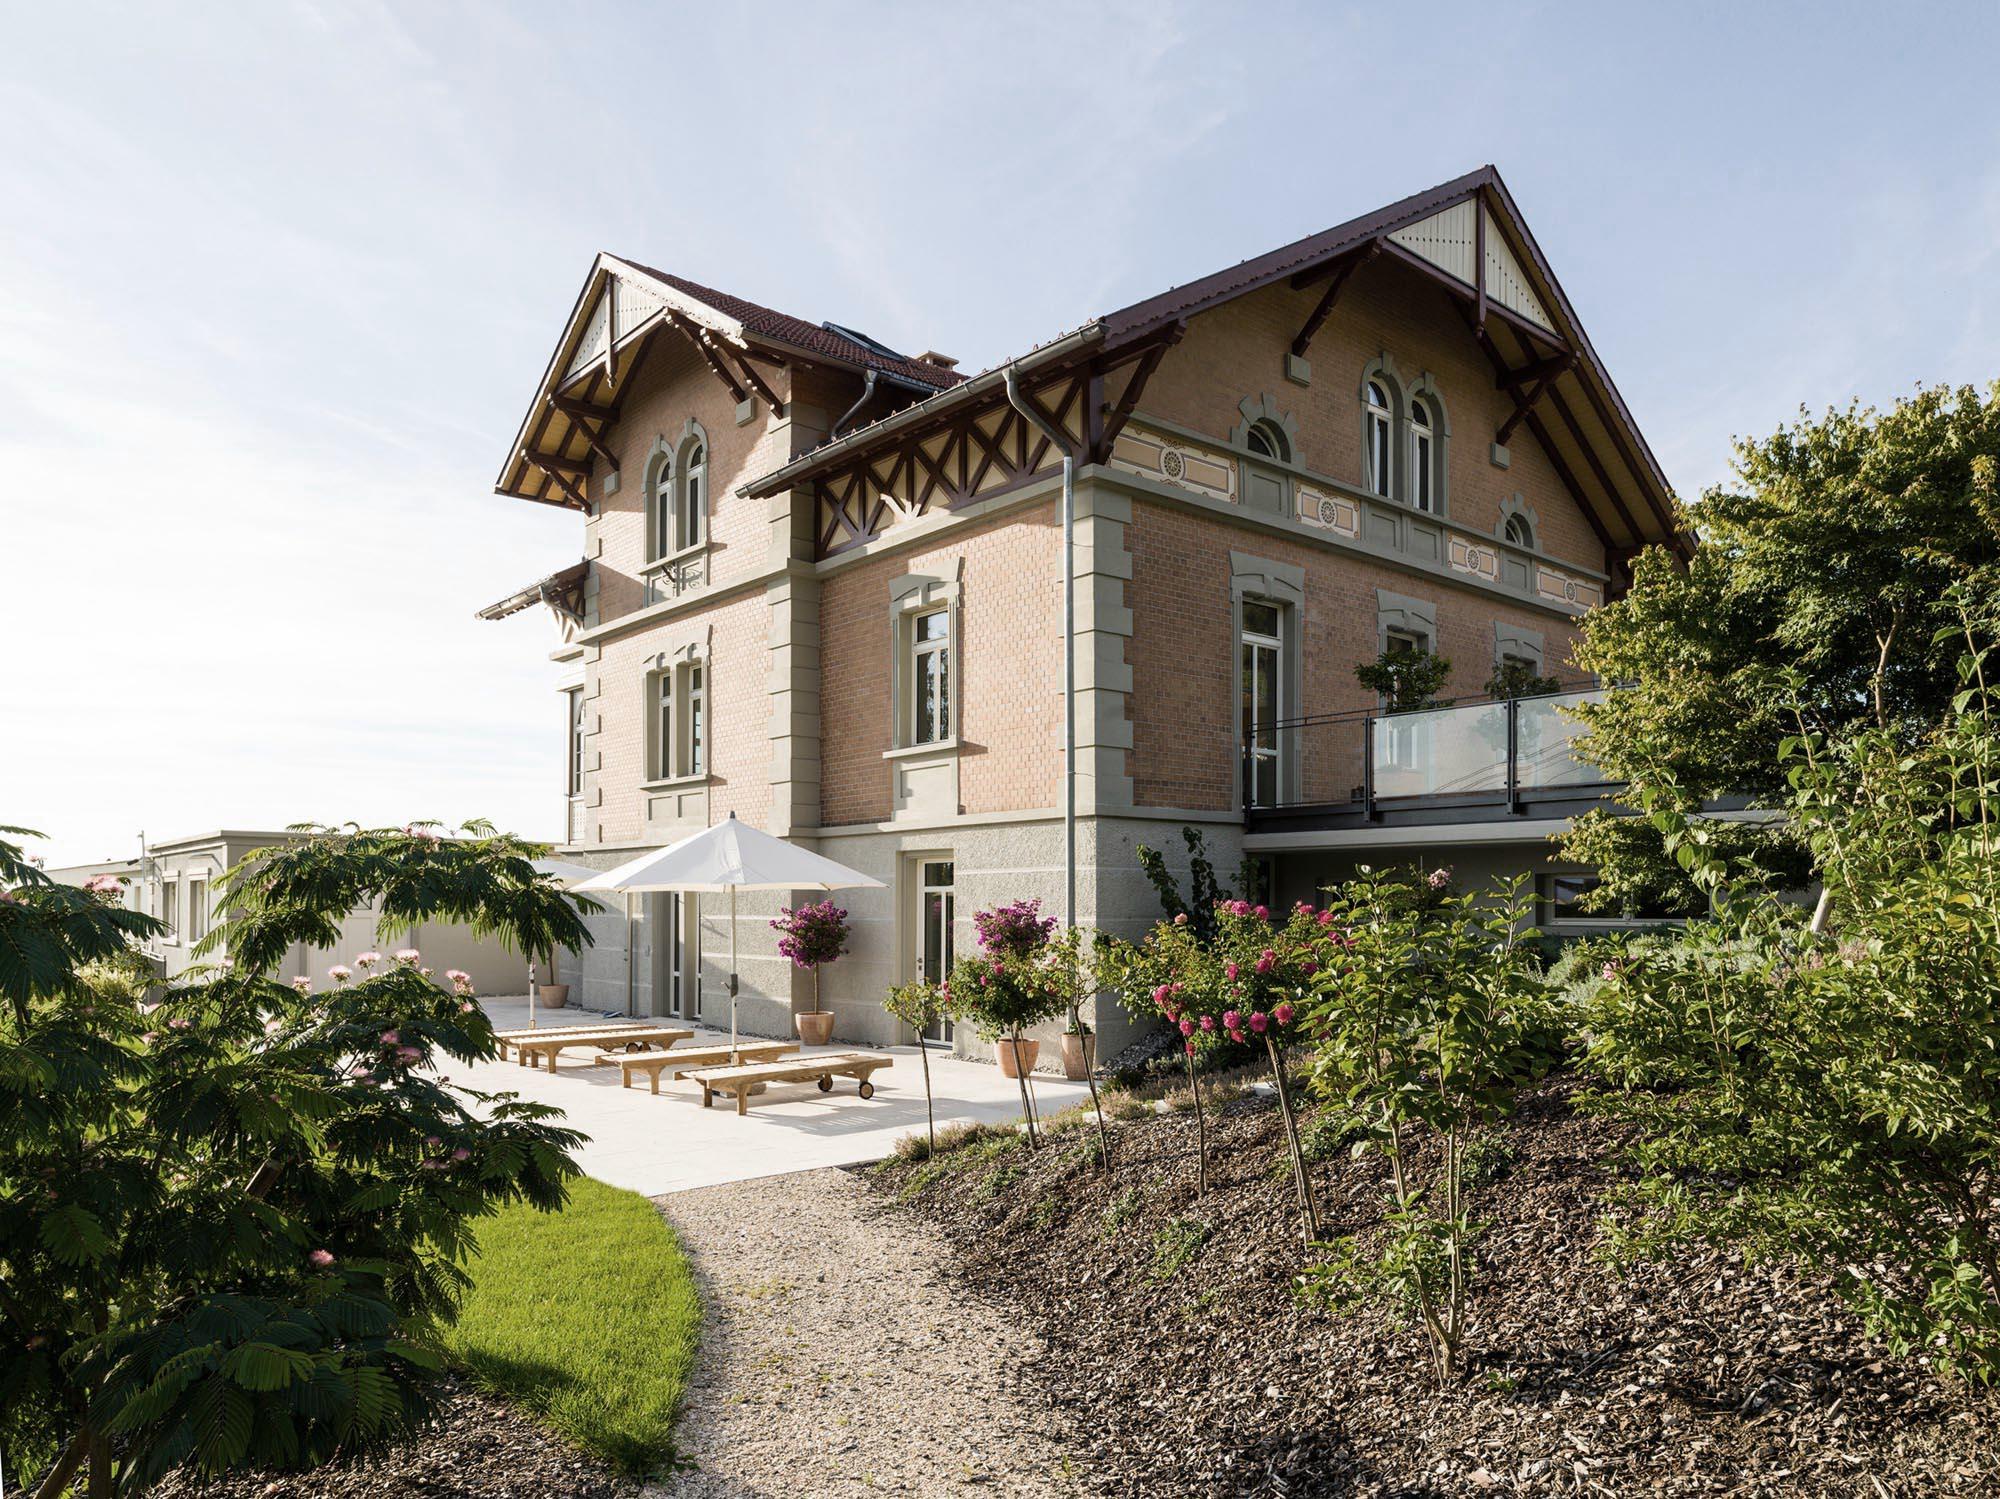 UB Villa Pfänderhang